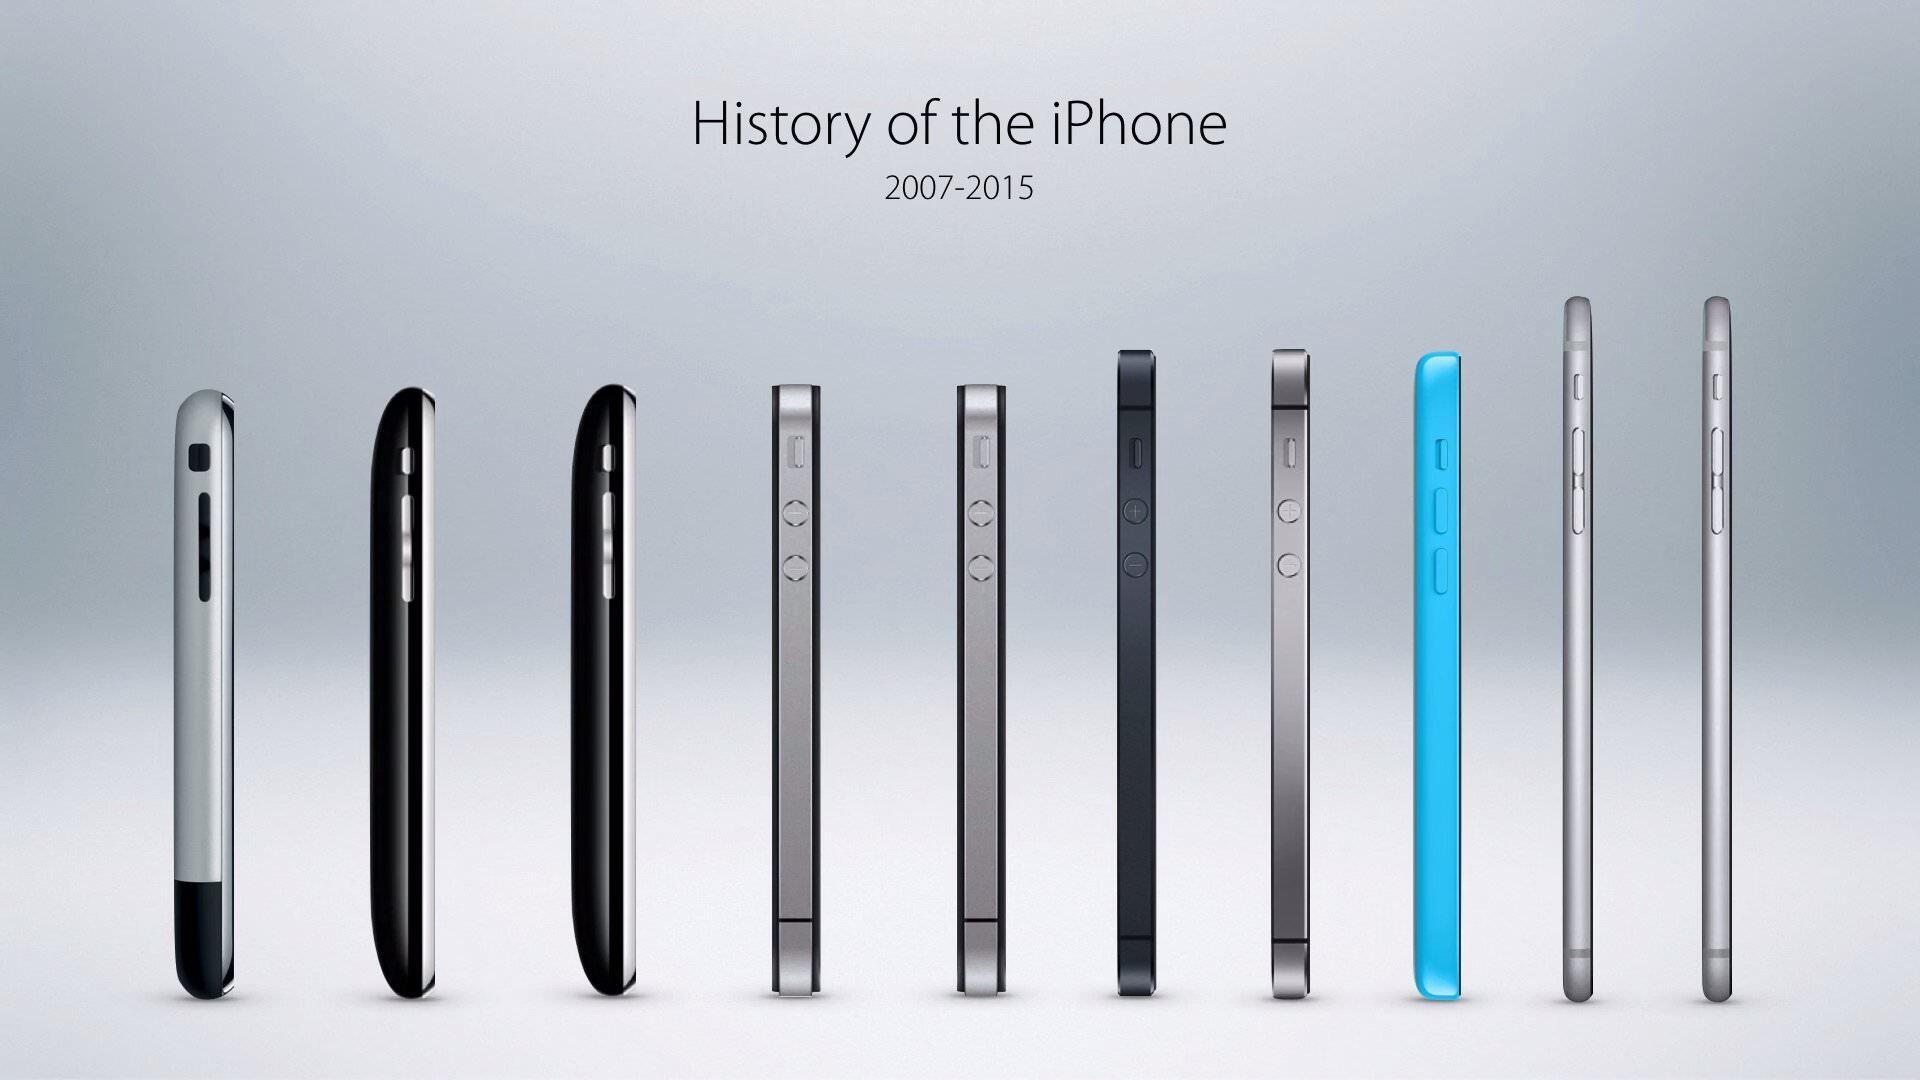 歴代iPhoneが勢ぞろい!2007年iPhoneから2015年iPhone6sまで!